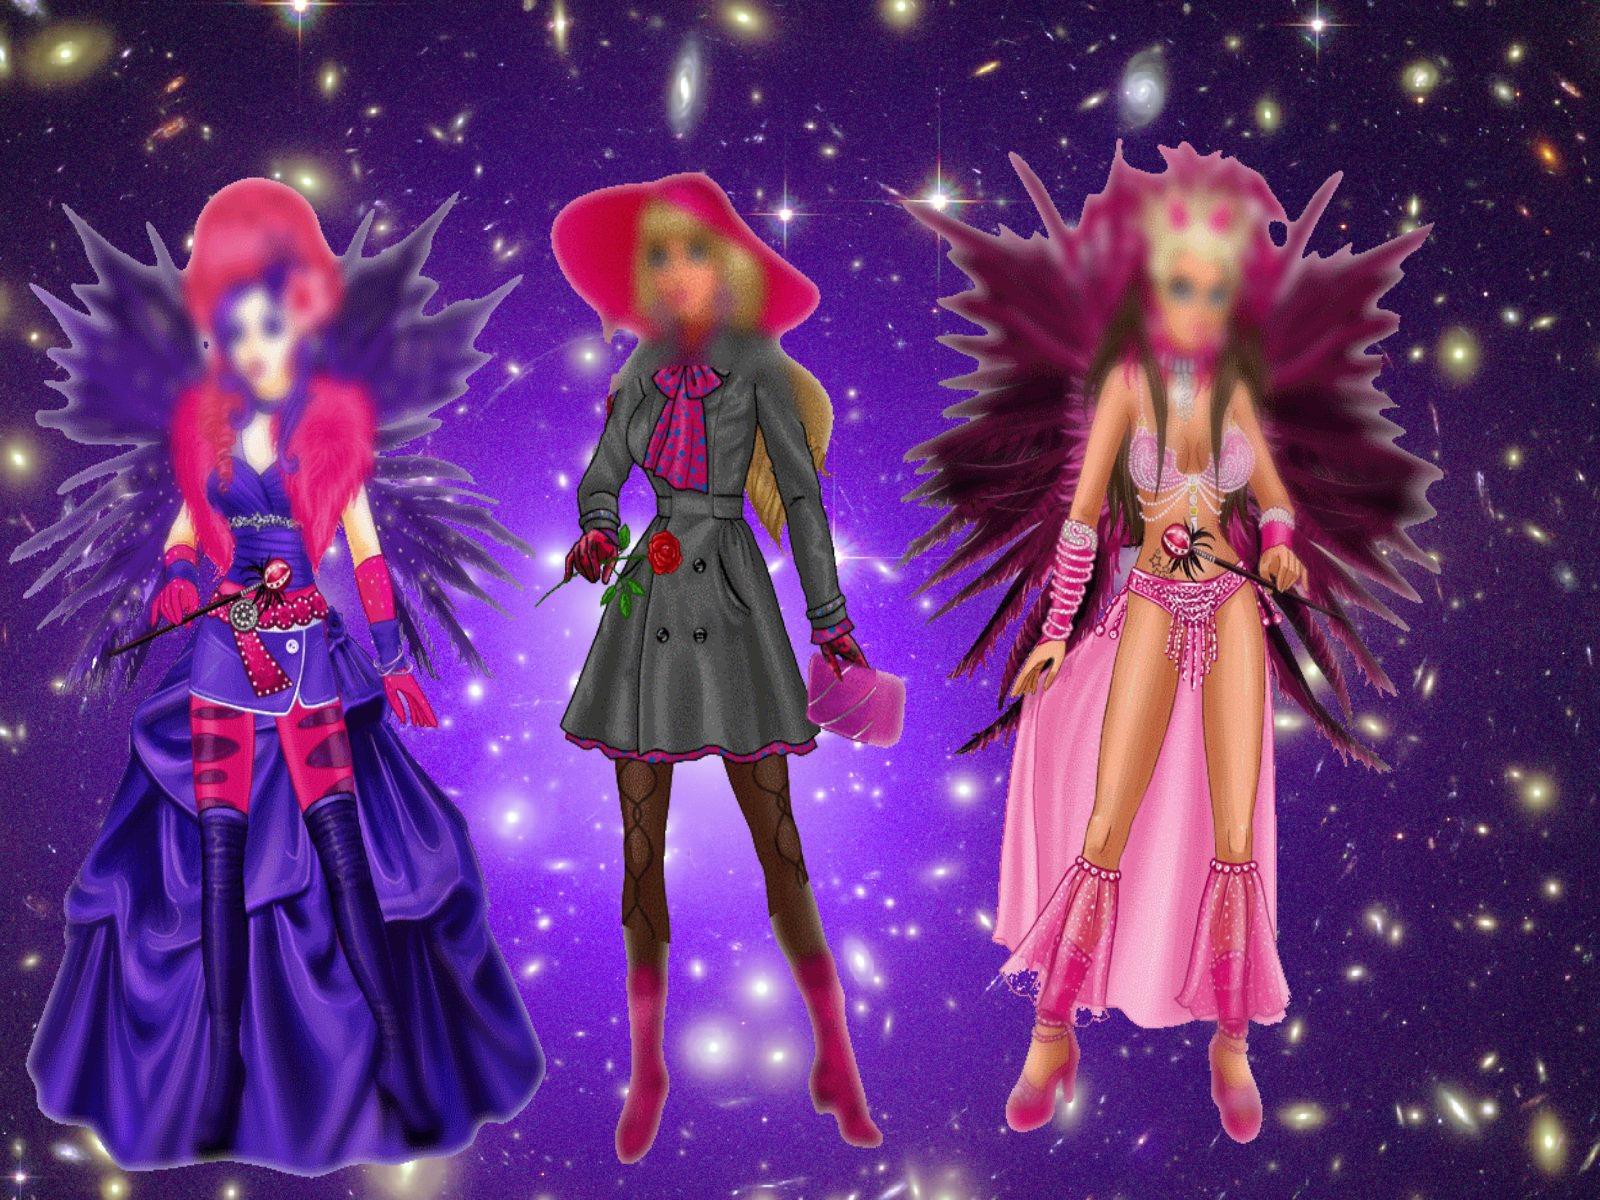 http://2.bp.blogspot.com/-rKQasm_ll_A/Tz7UVZ-VfPI/AAAAAAAAAX0/inYEuN8fAgo/s1600/The-best-top-desktop-purple-wallpapers-purple-wallpaper-purple-background-hd-23.jpg